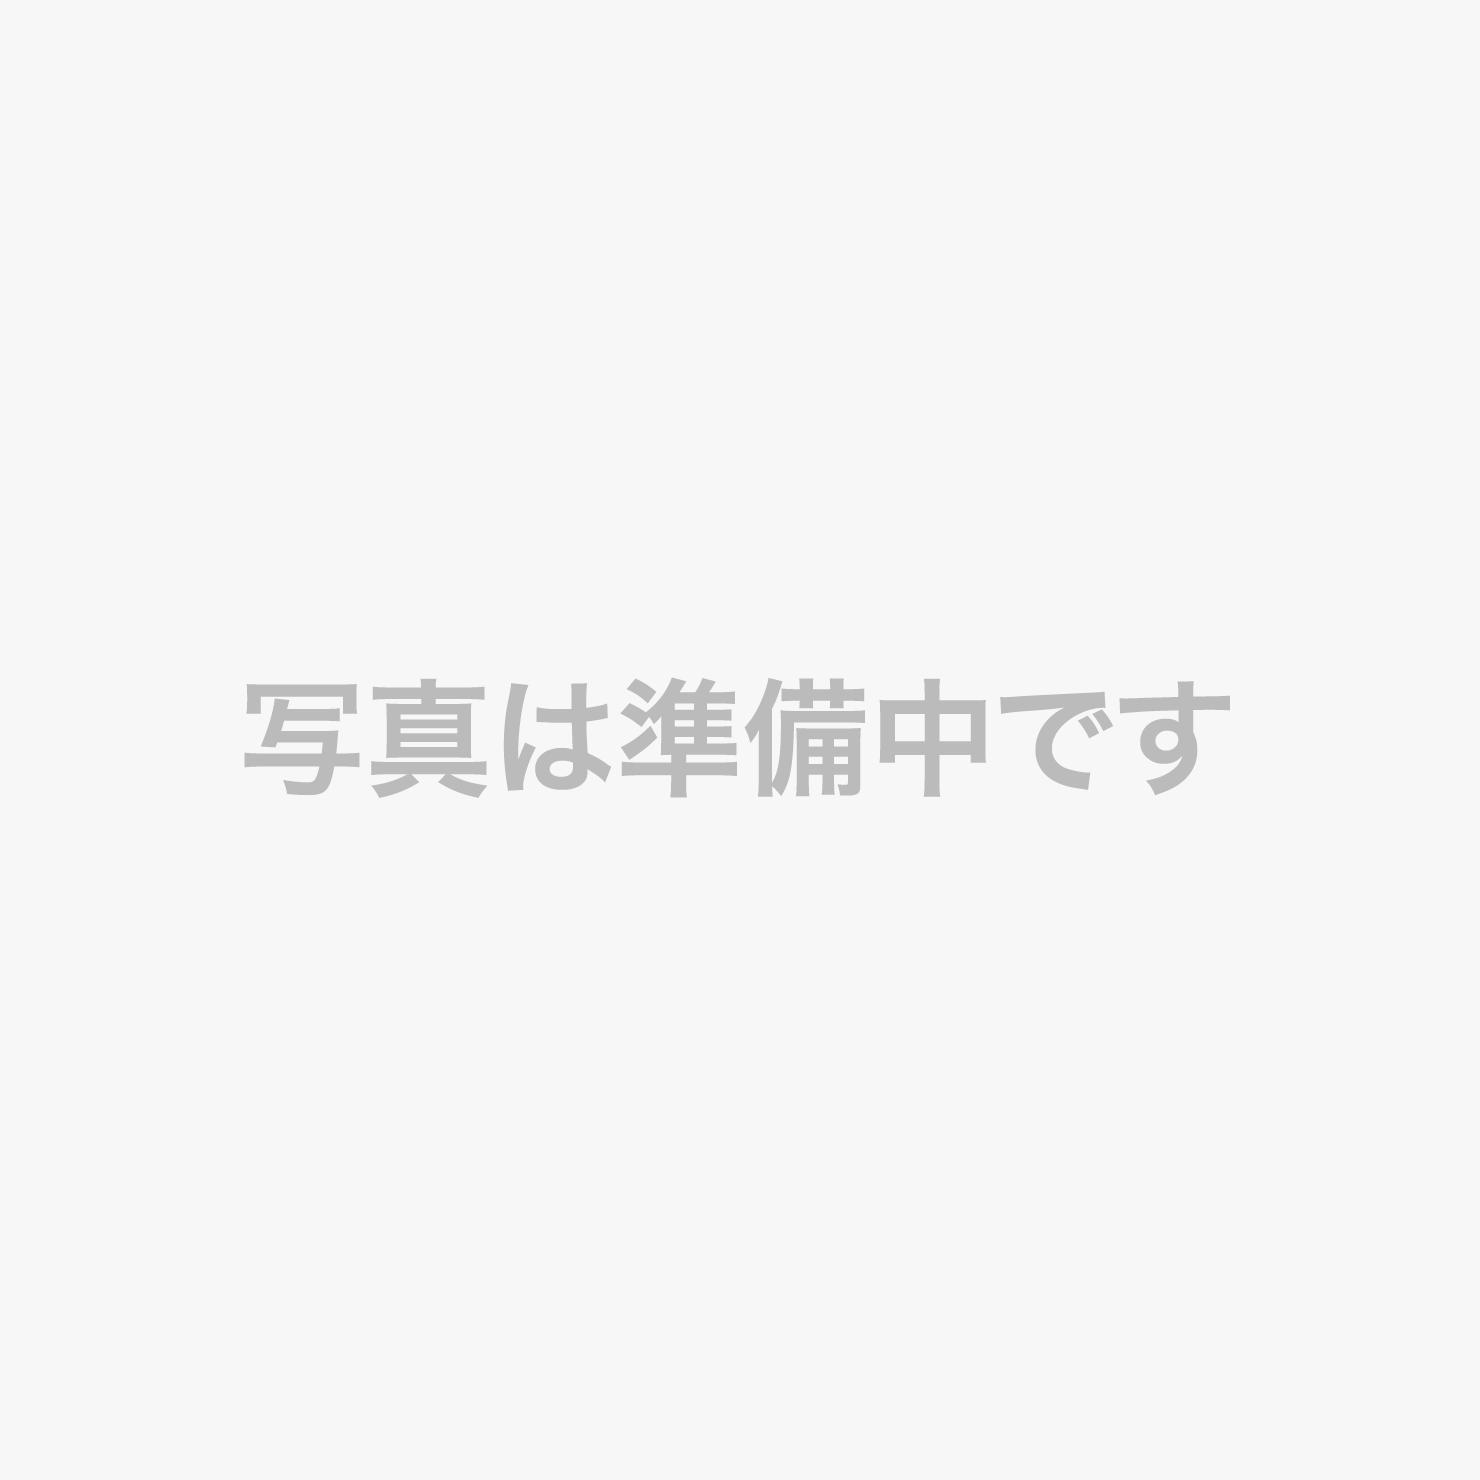 1日限定3組のおもてなし。古都奈良の料理旅館ならではの上質な時を満喫下さい。